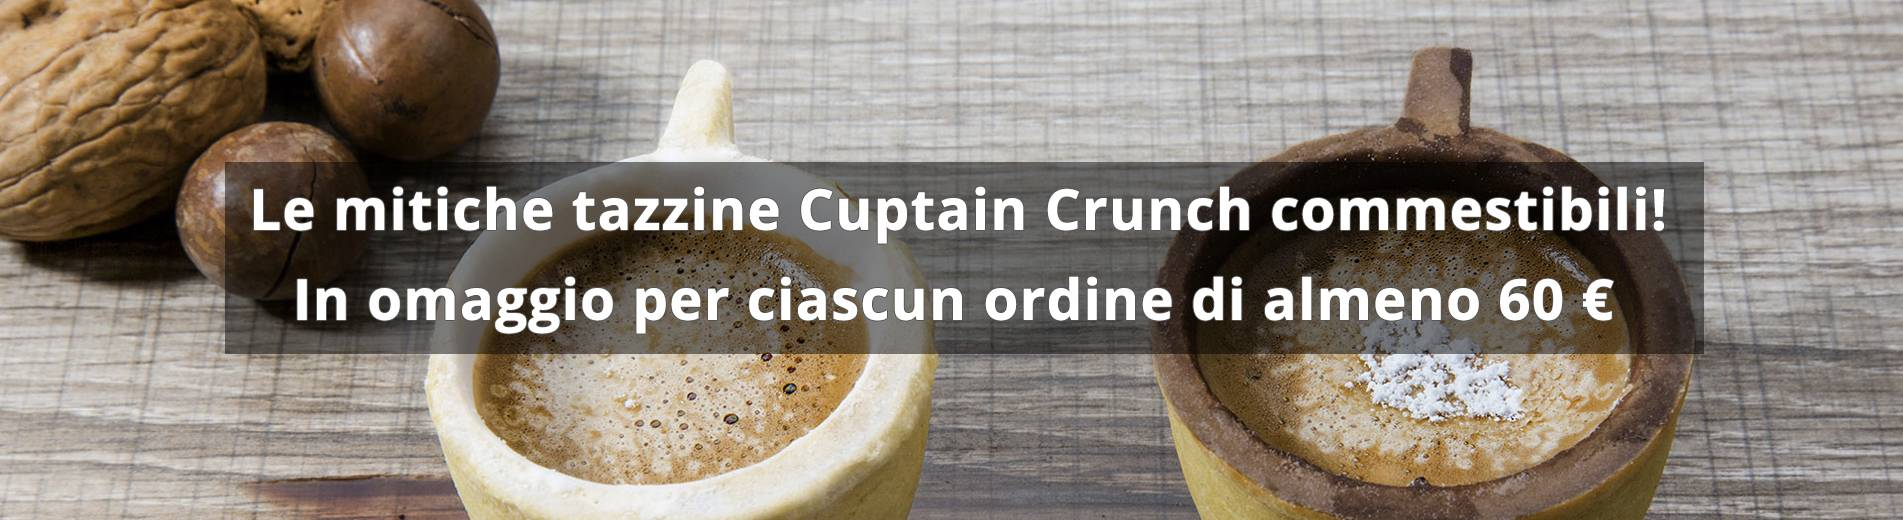 Tazzine Cuptain Crunch in omaggio